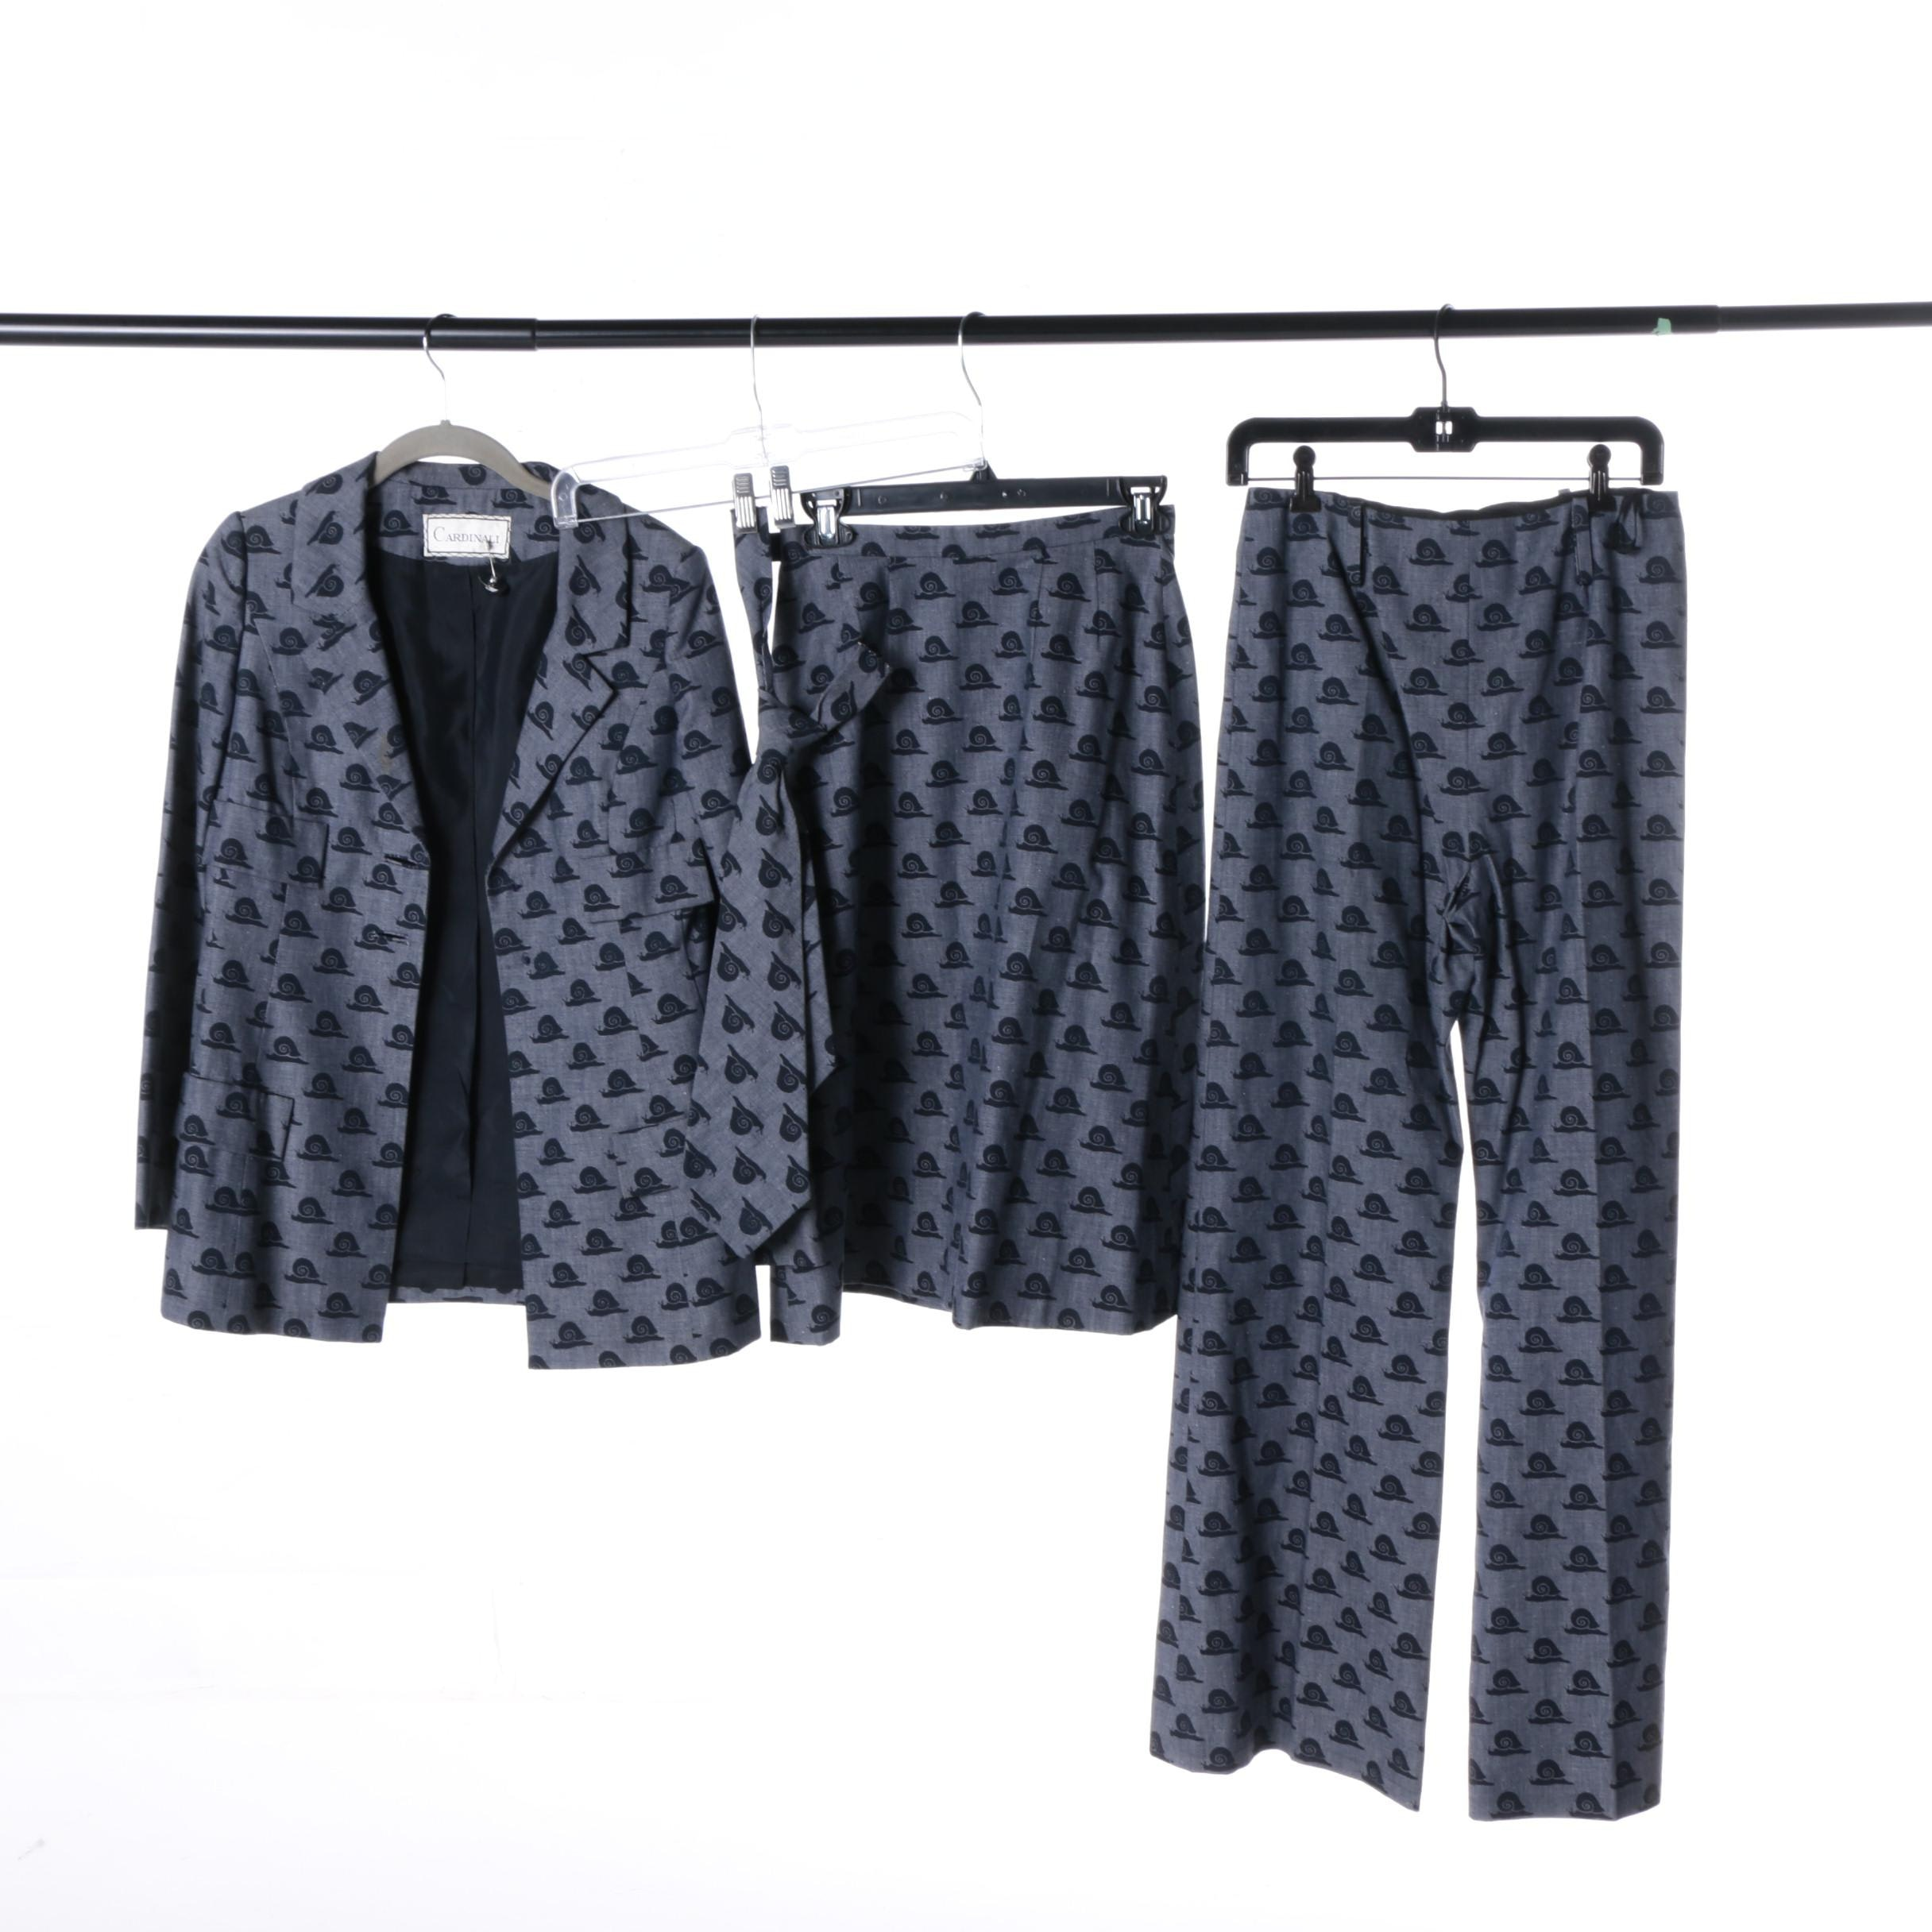 Women's Vintage Cardinali Four-Piece Suit